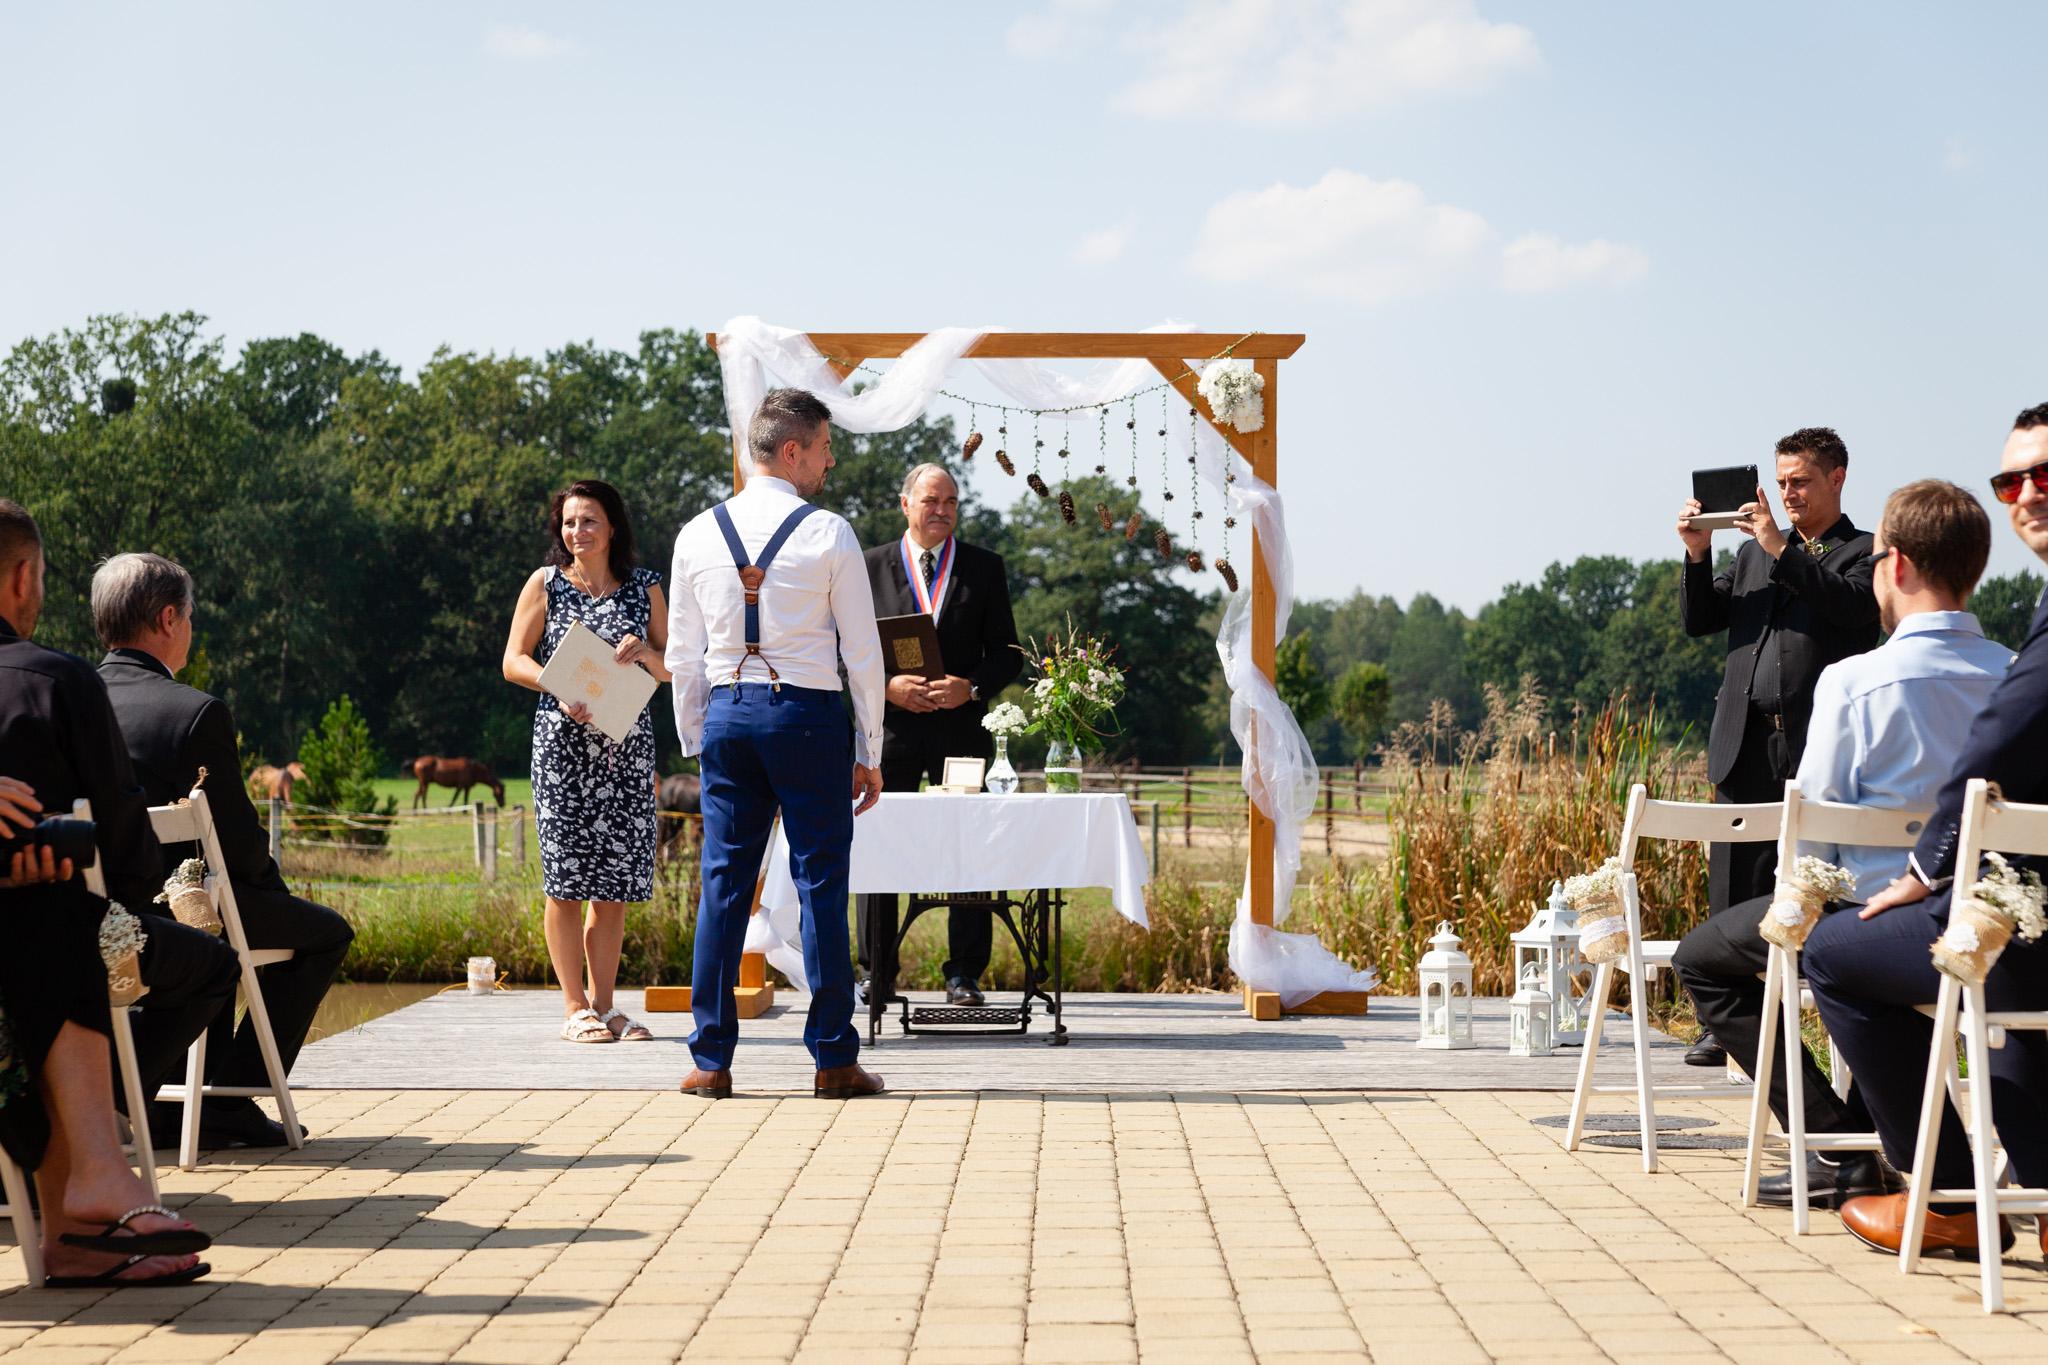 Ženich čeká na nevěstu u obřadního stolu